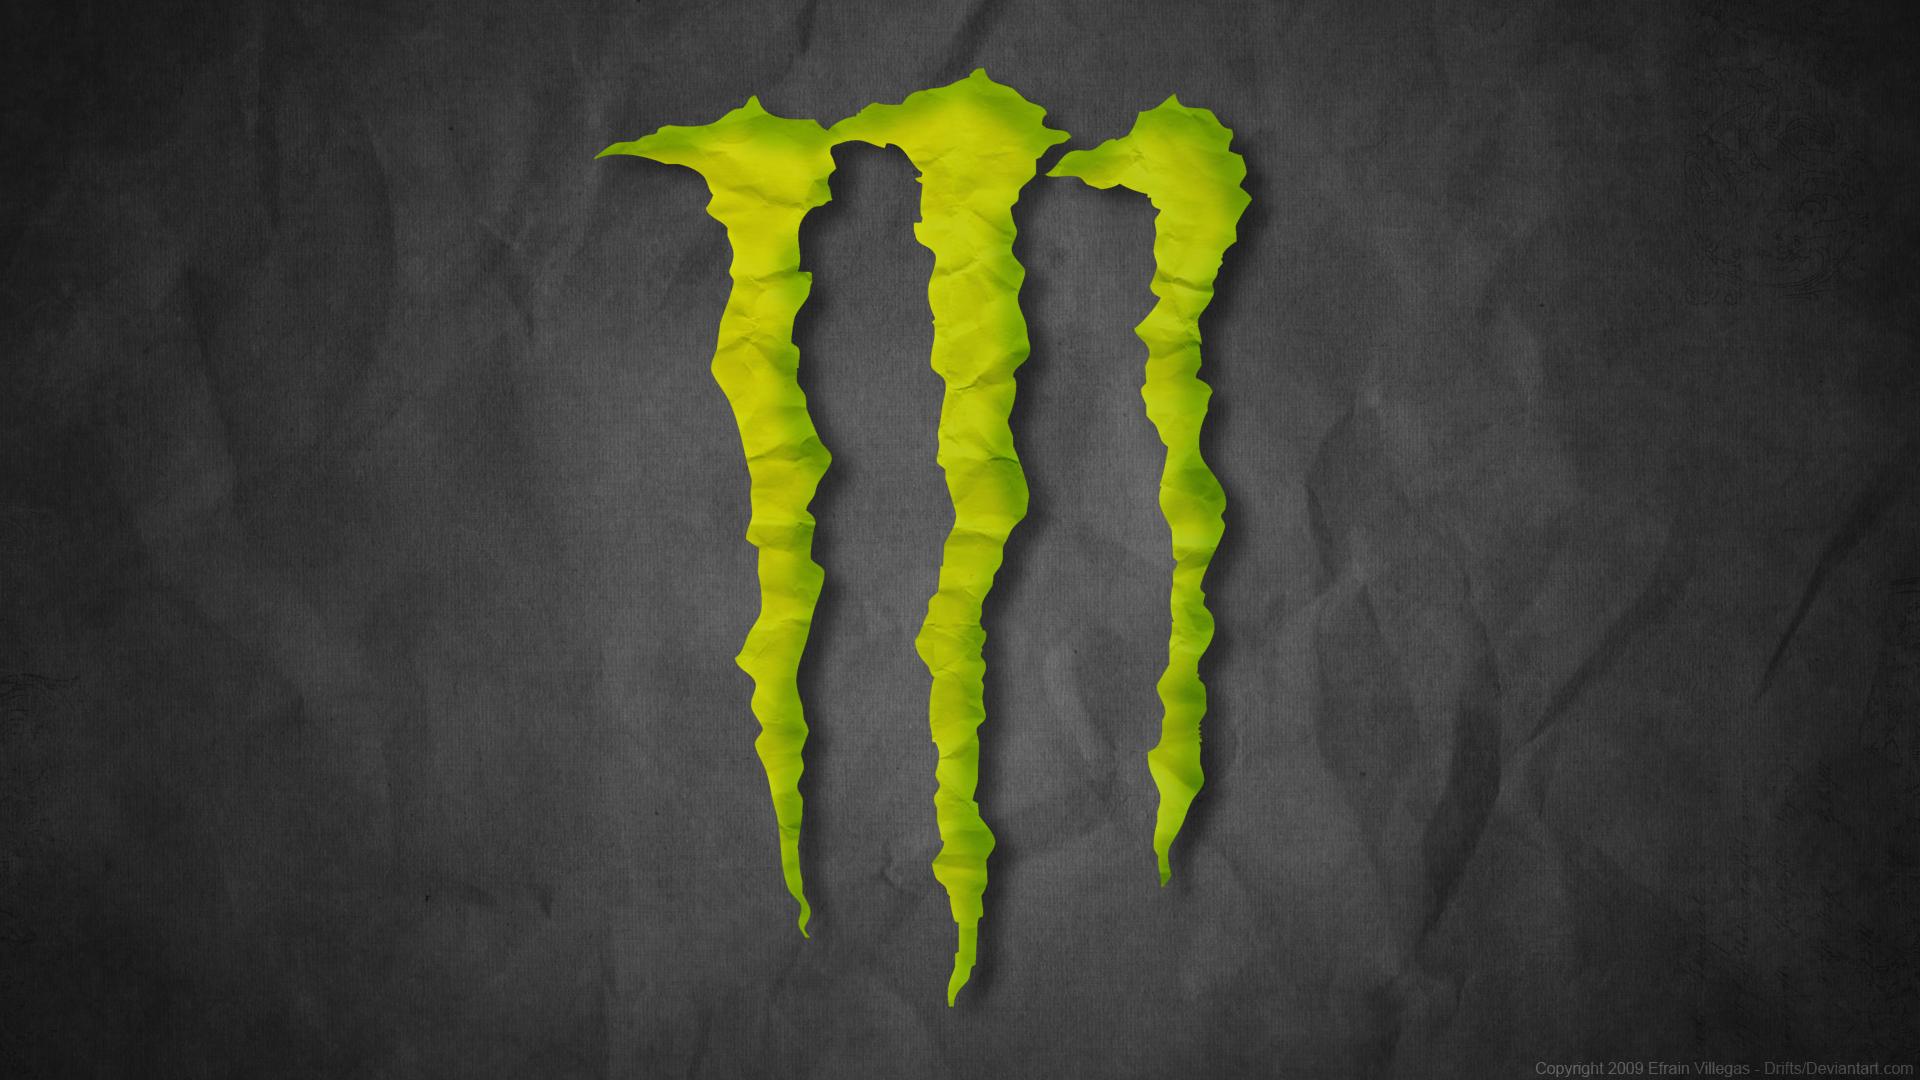 Monster Energy Logo wallpaper 18080 1920x1080